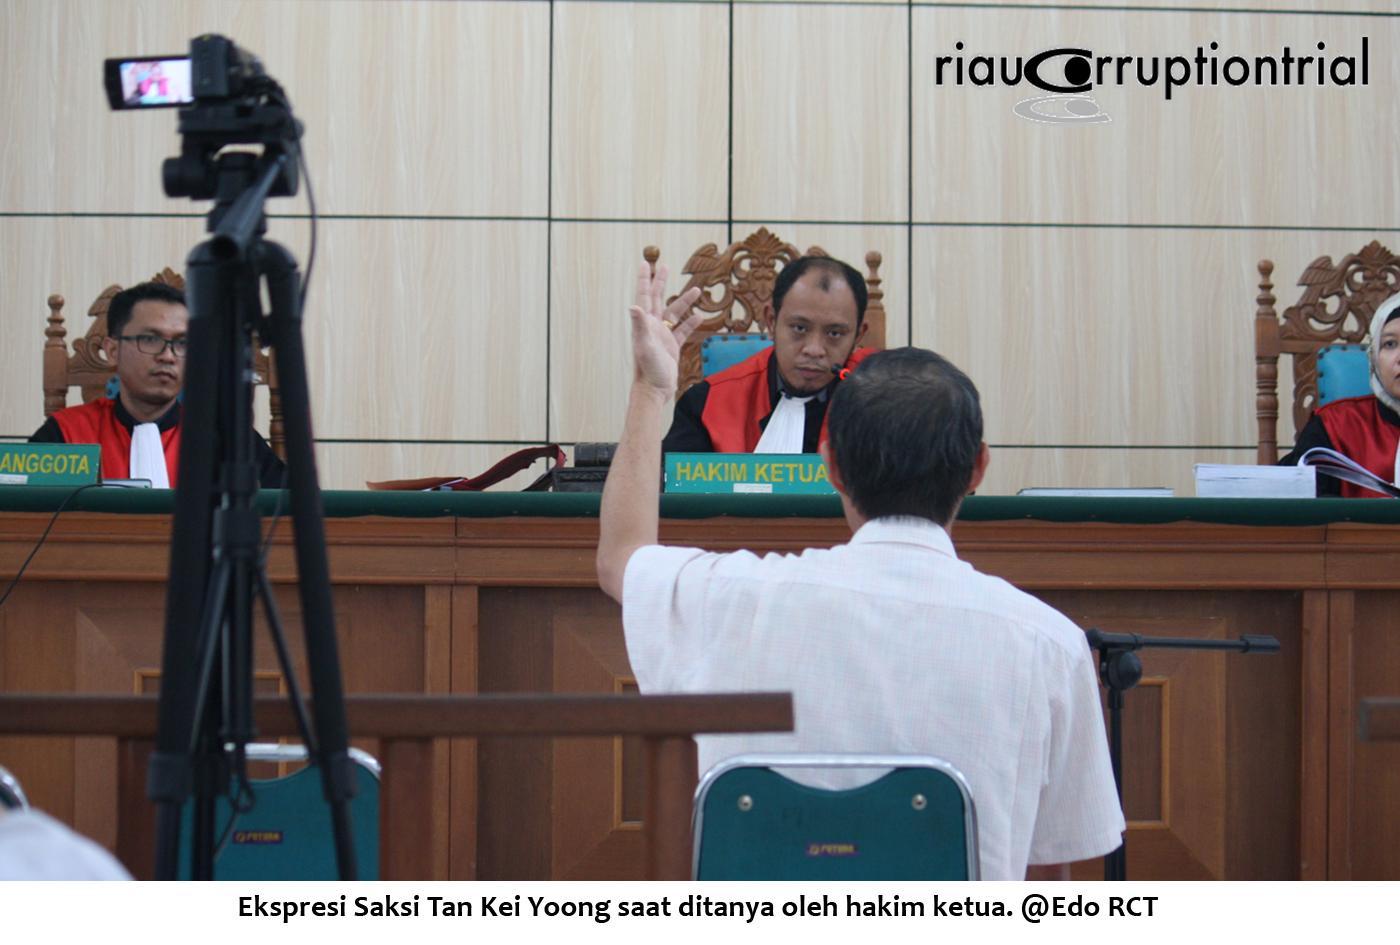 Ekspresi saksi tan Kei yoong